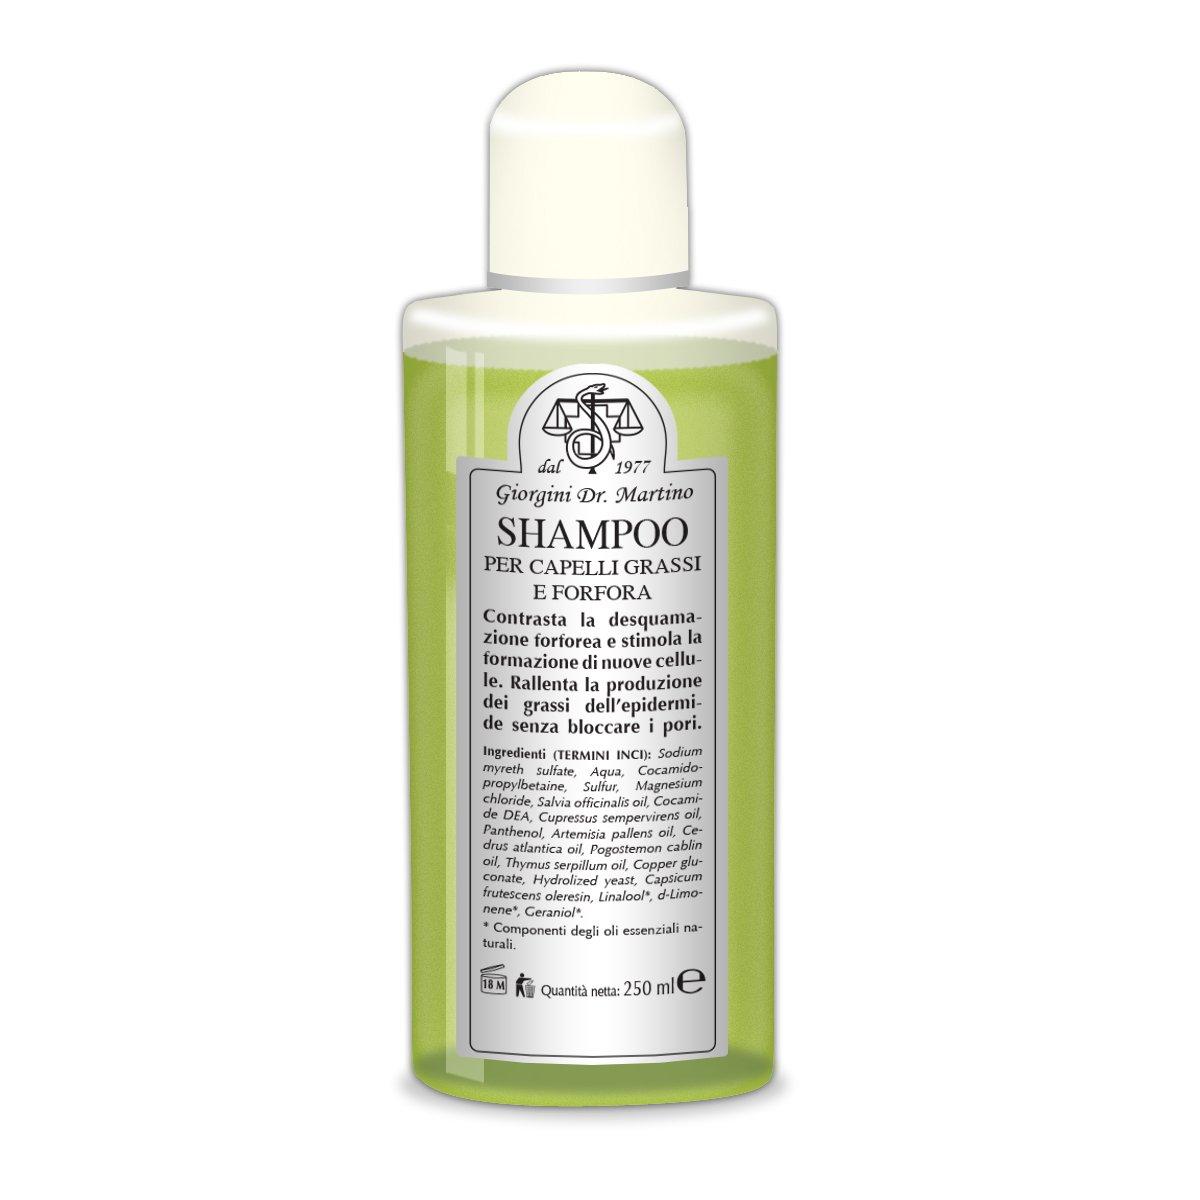 Dr. Giorgini Shampoo per Capelli Grassi e Forfora - 250 ml Vis Medicatrix Naturae SERHCOS0722